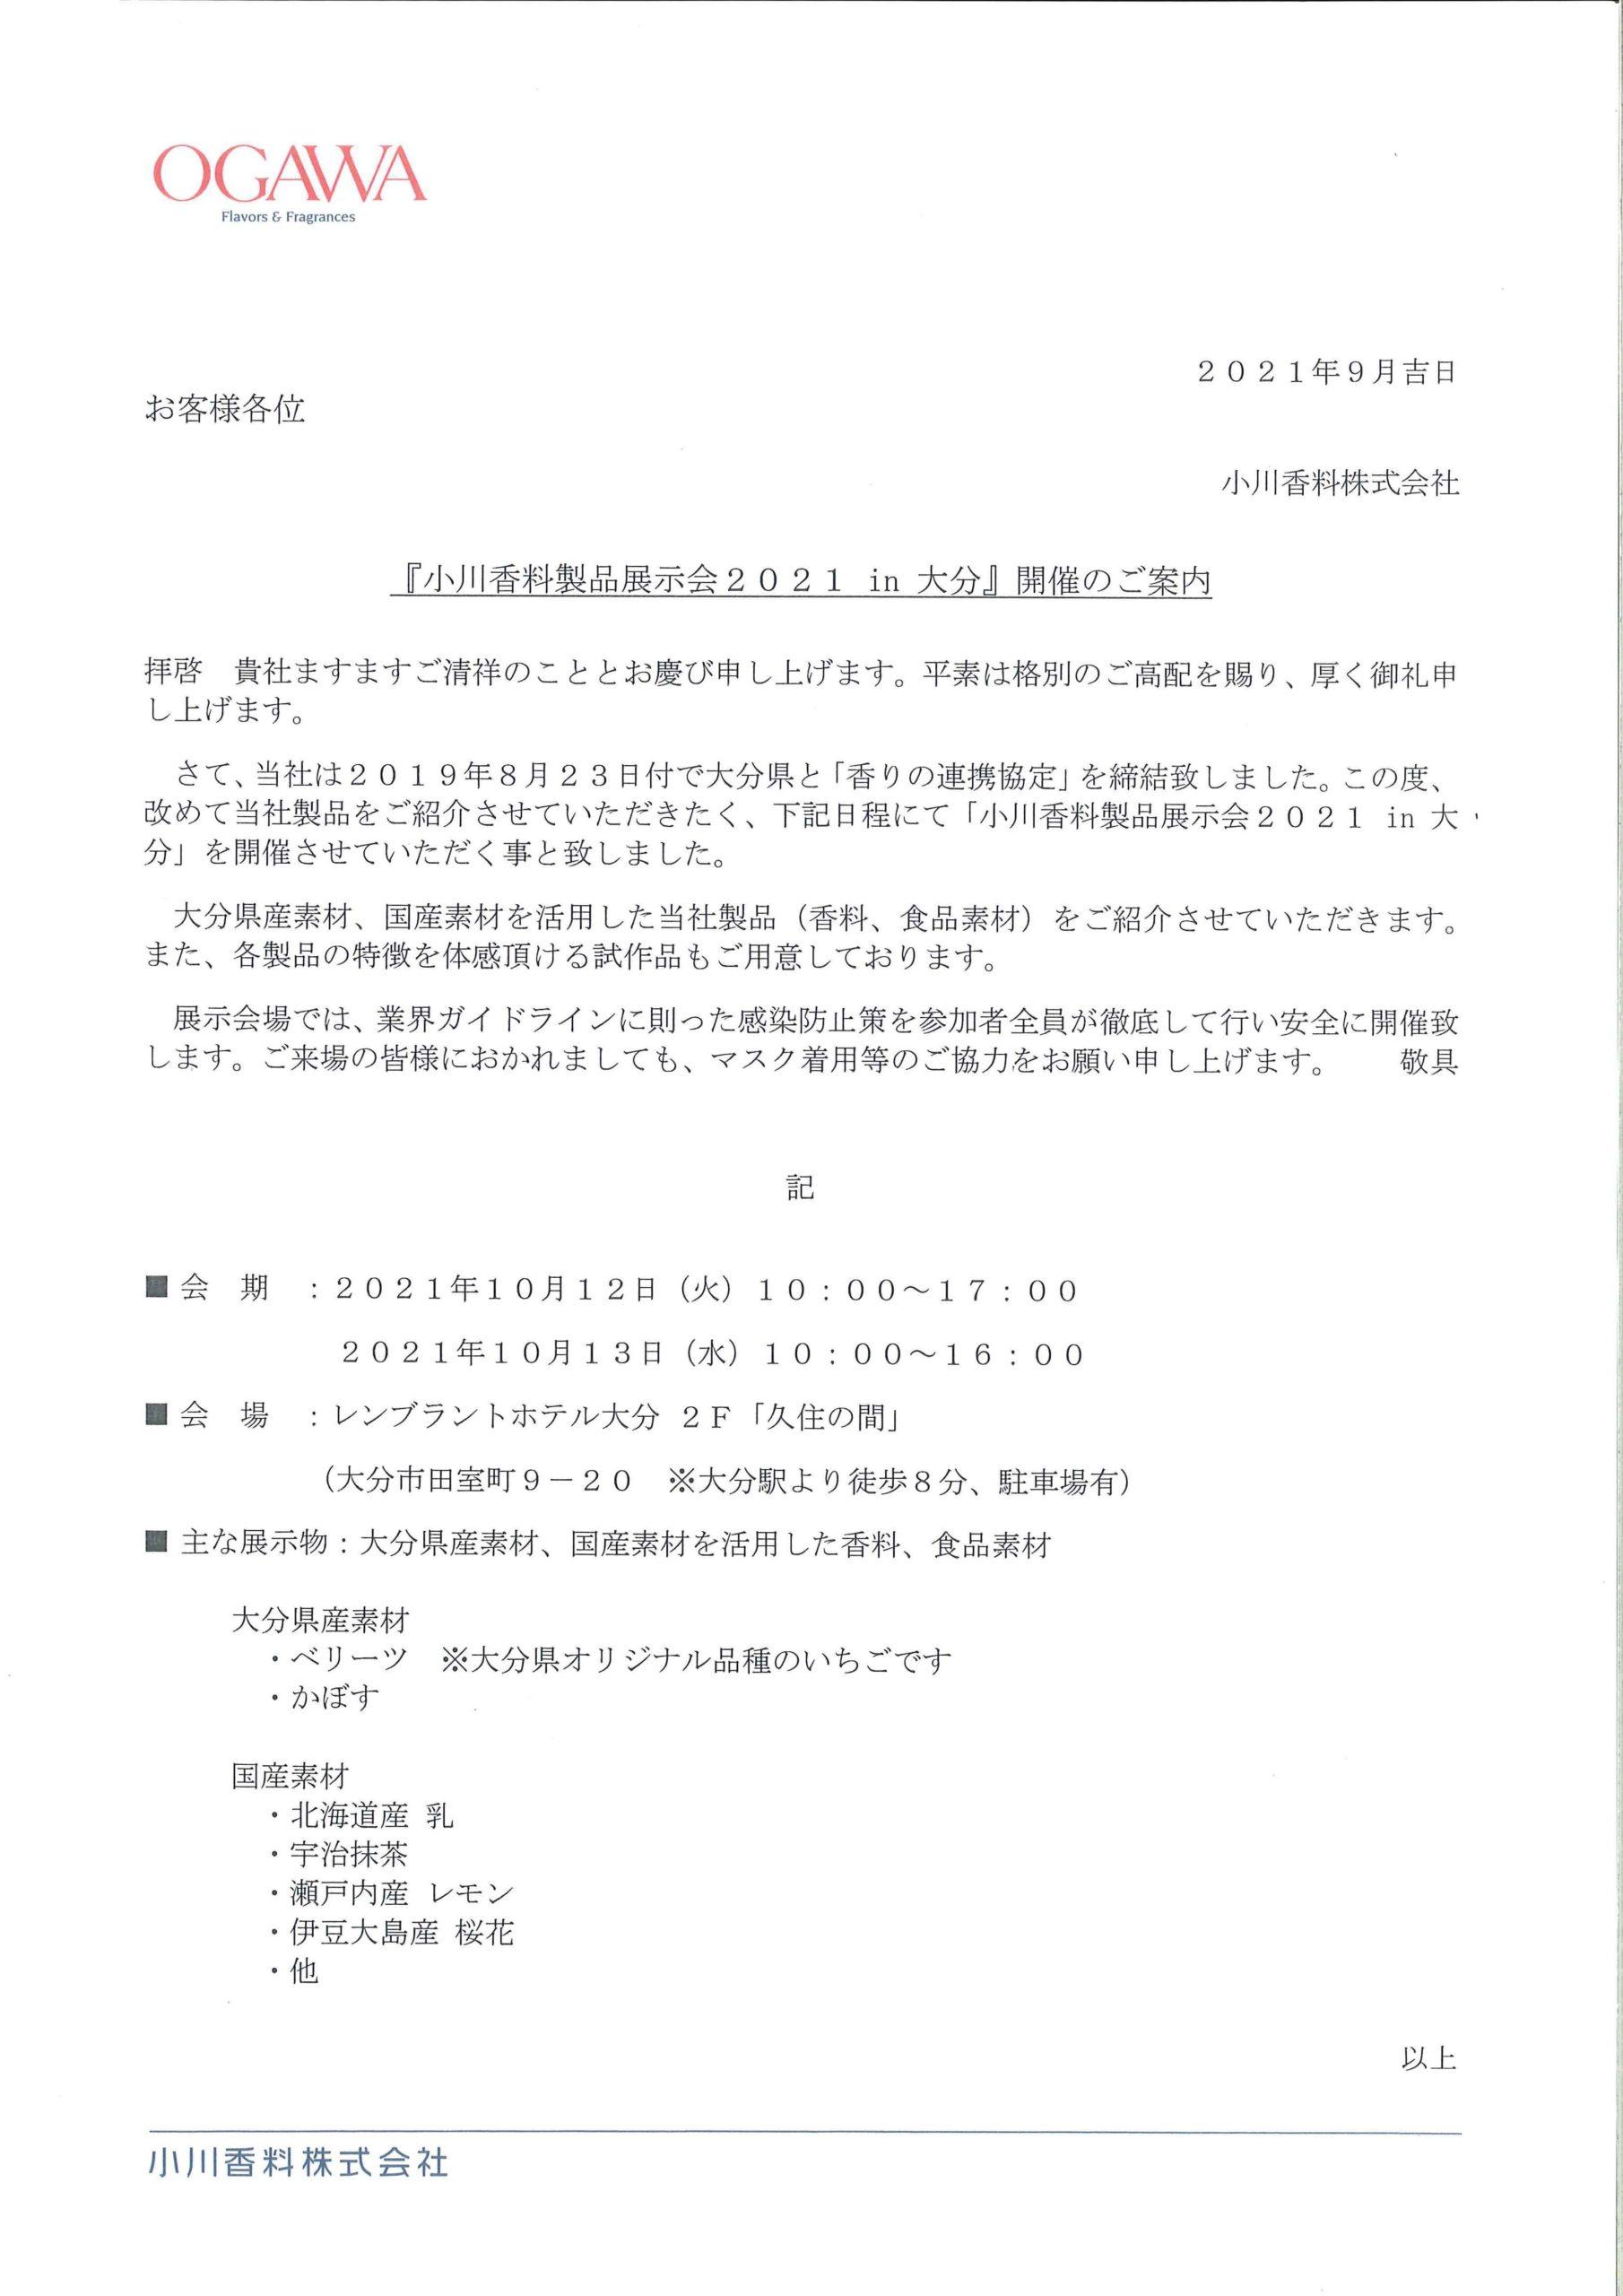 【県ブランド推進課】 「県産素材を使った香料製品展示会(10/12~13)」開催のご案内